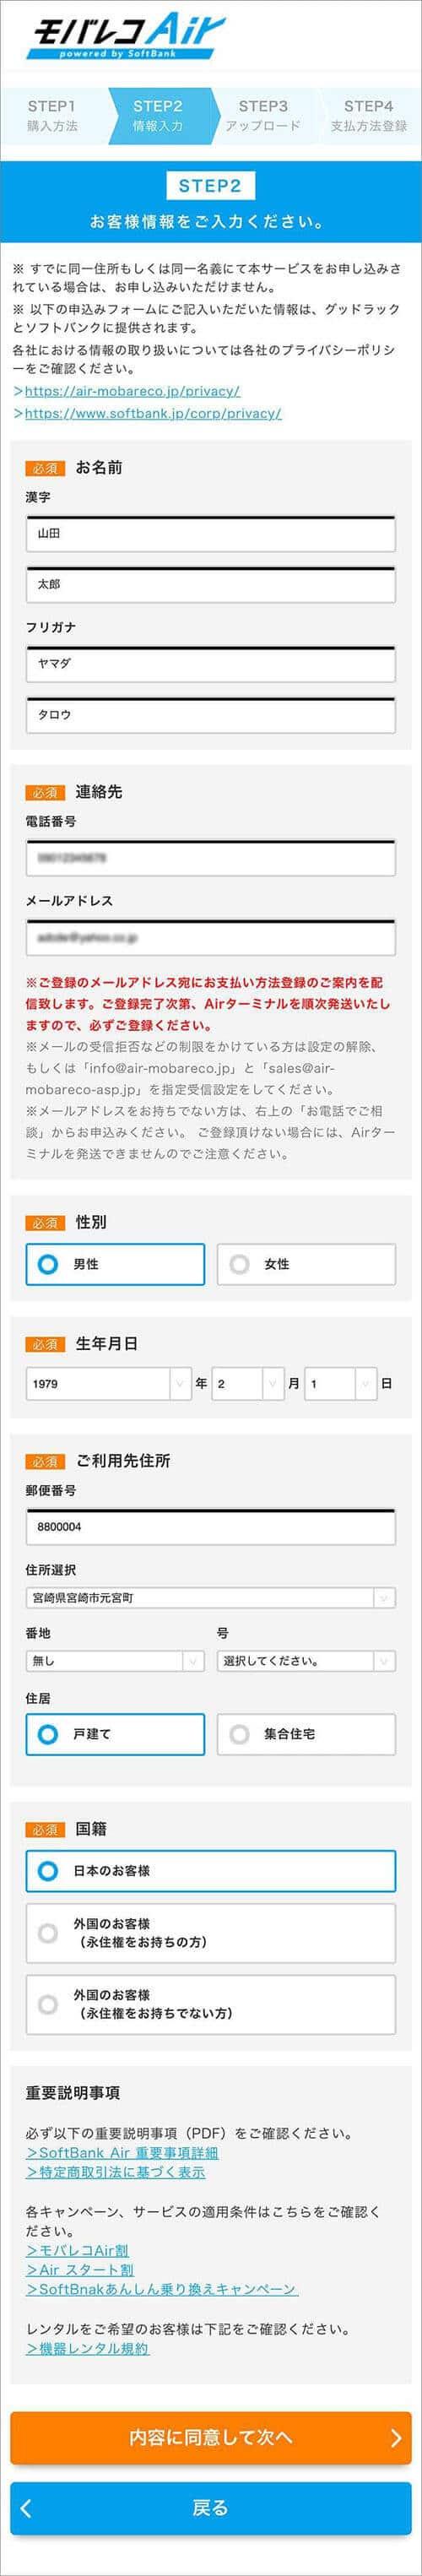 モバレコエアーの申し込み画面